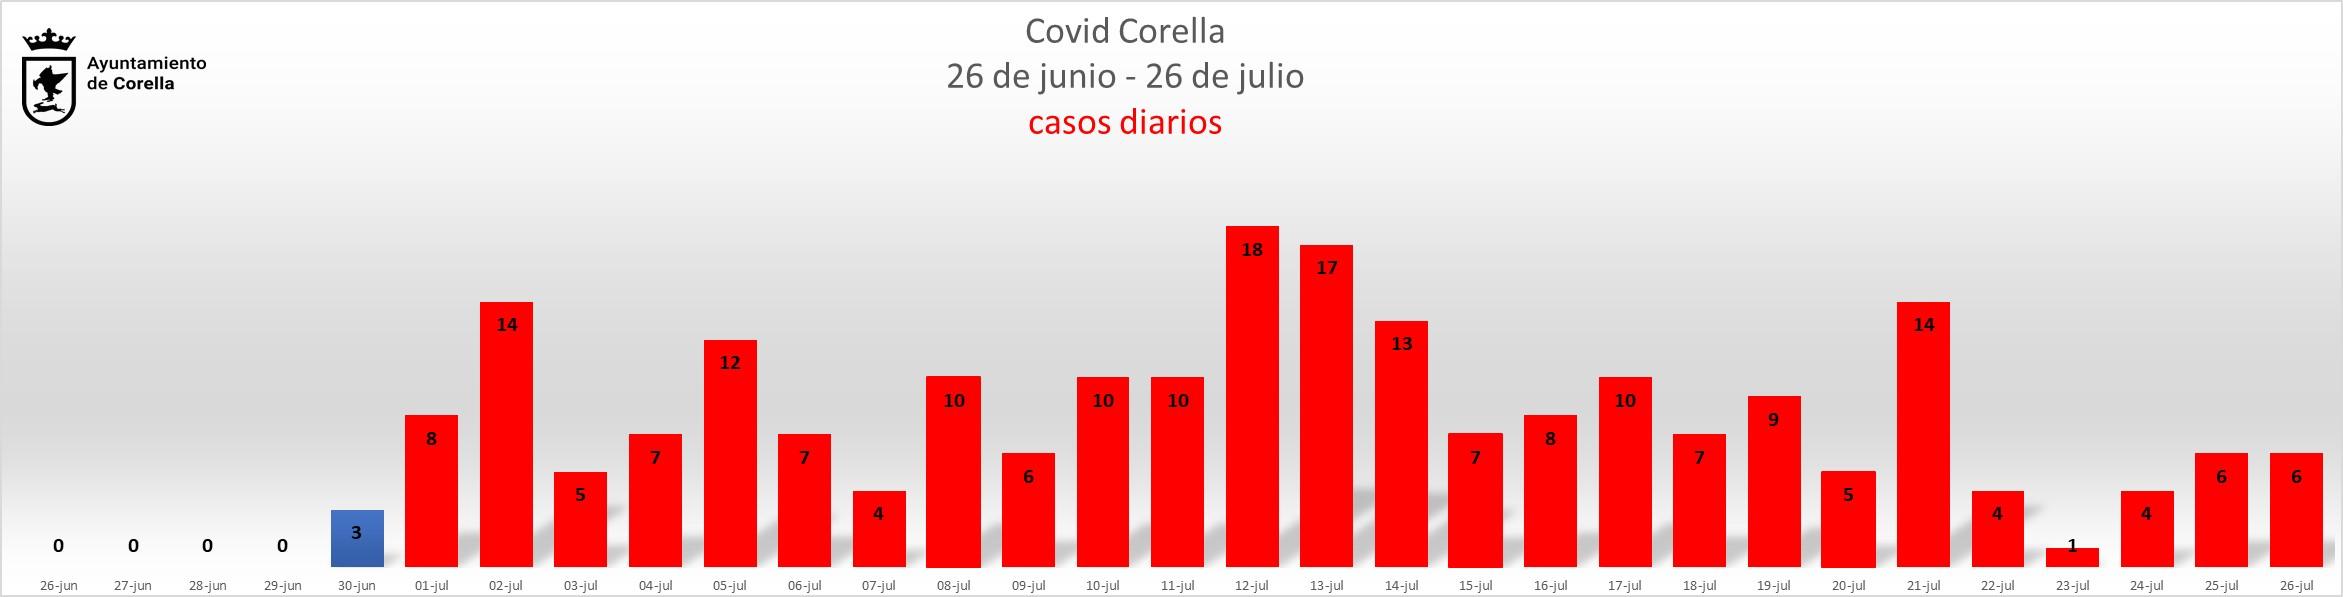 Grafico diario_200727